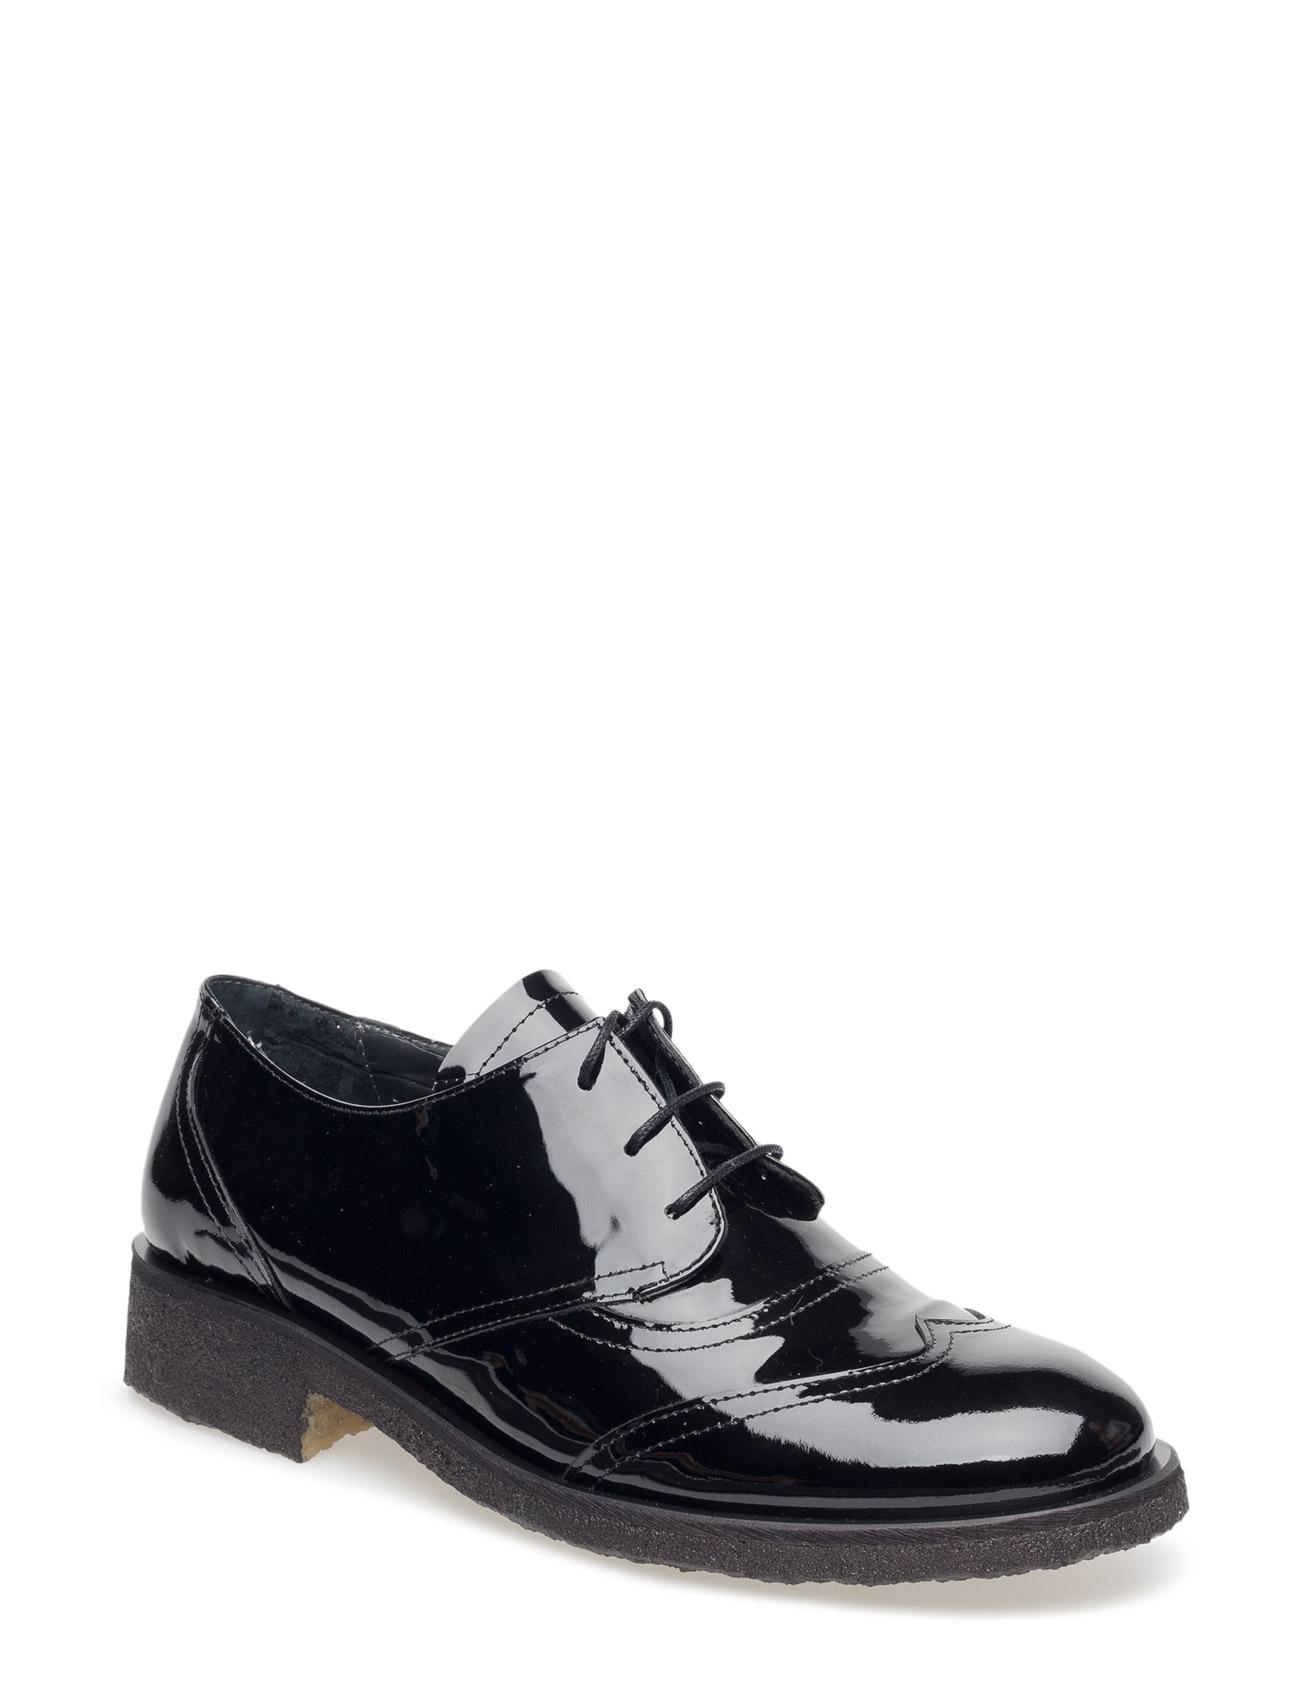 Shoes - Flat - With Lace ANGULUS Flade sko til Kvinder i